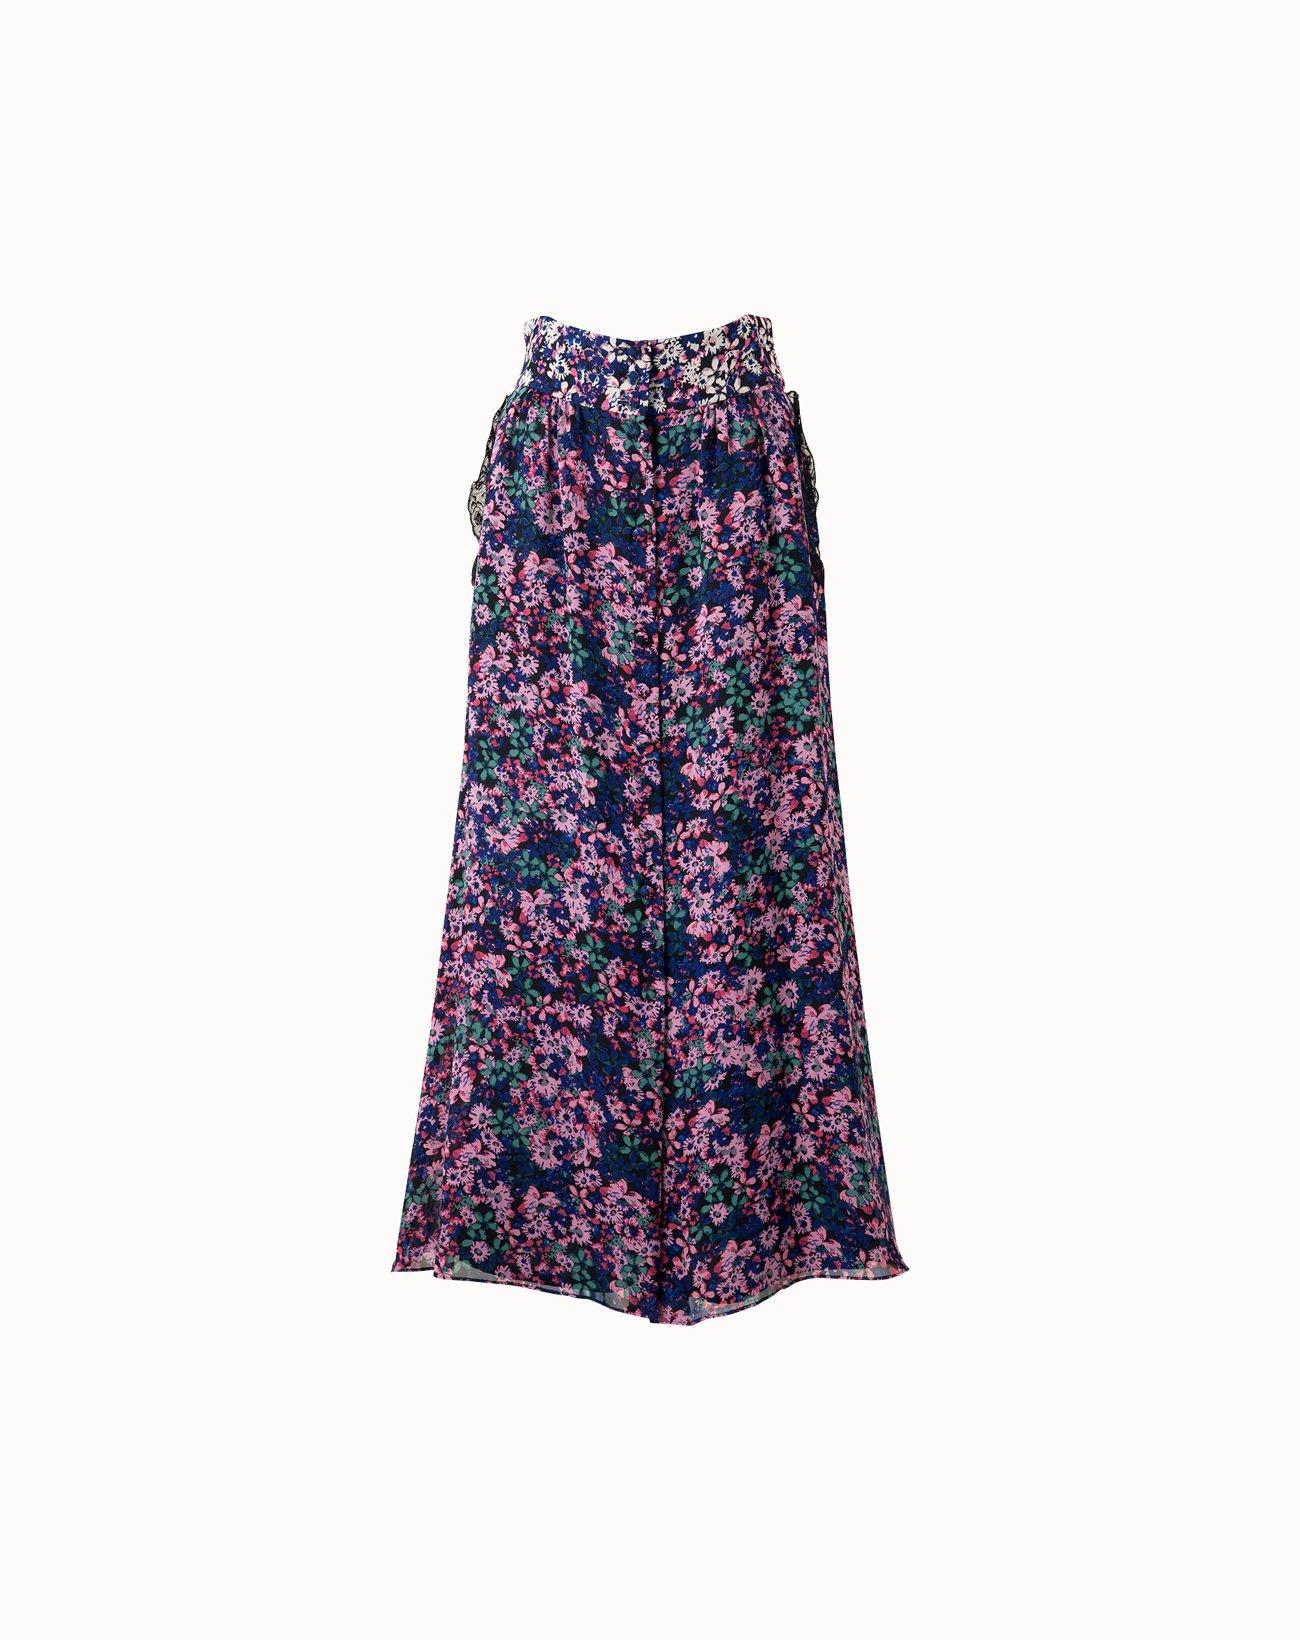 Palette Flower Skirt - Green